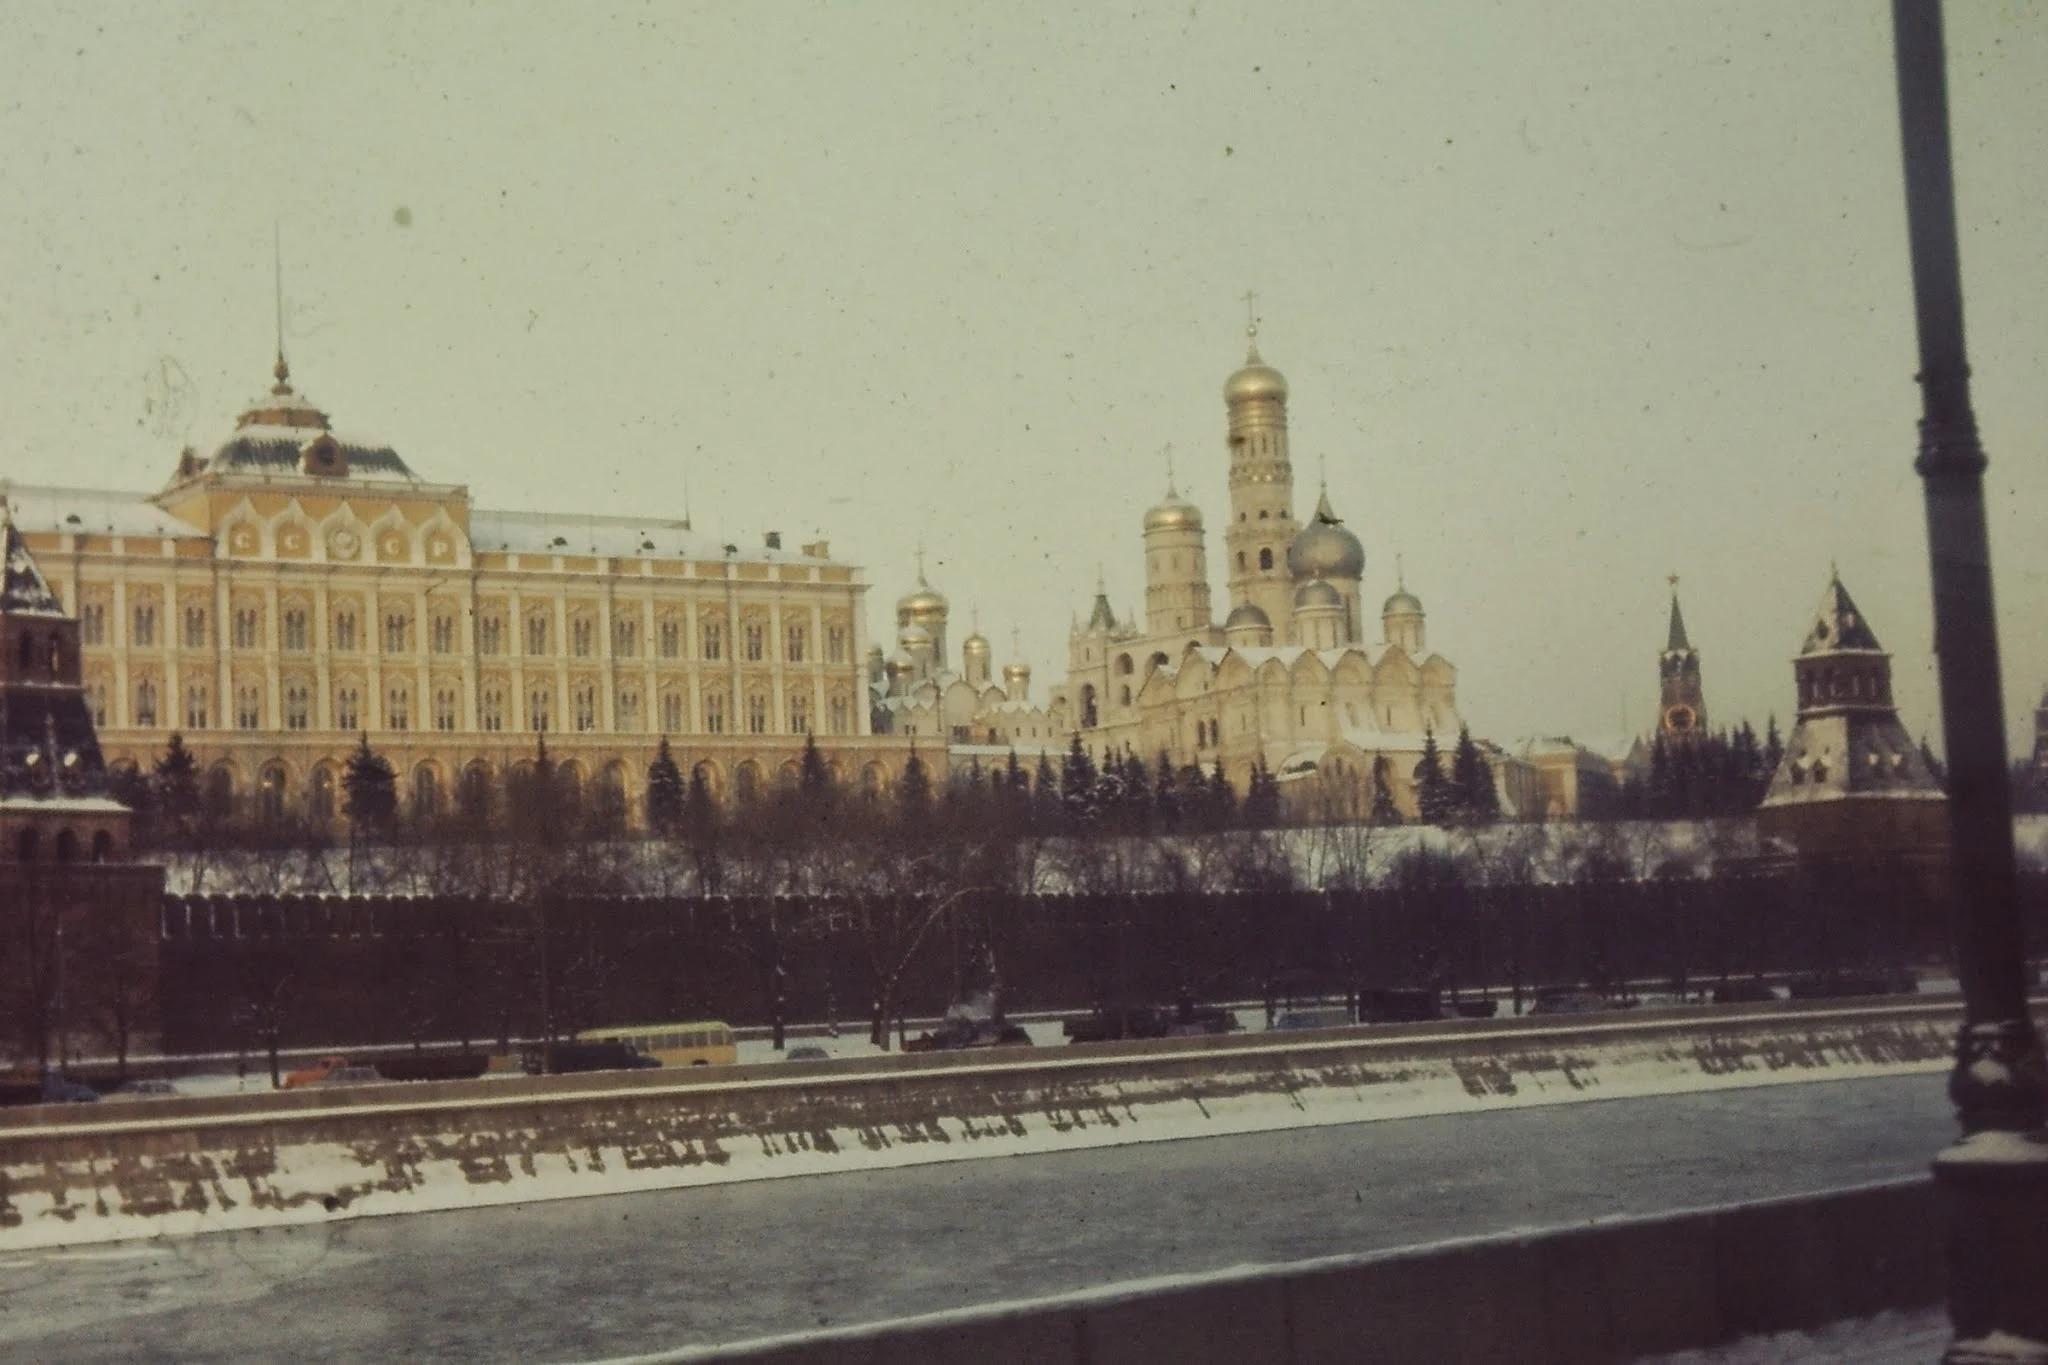 Кремль, с другой стороны Москвы-реки. На снимке Большой Кремлевский дворец, место заседаний Верховного Совета